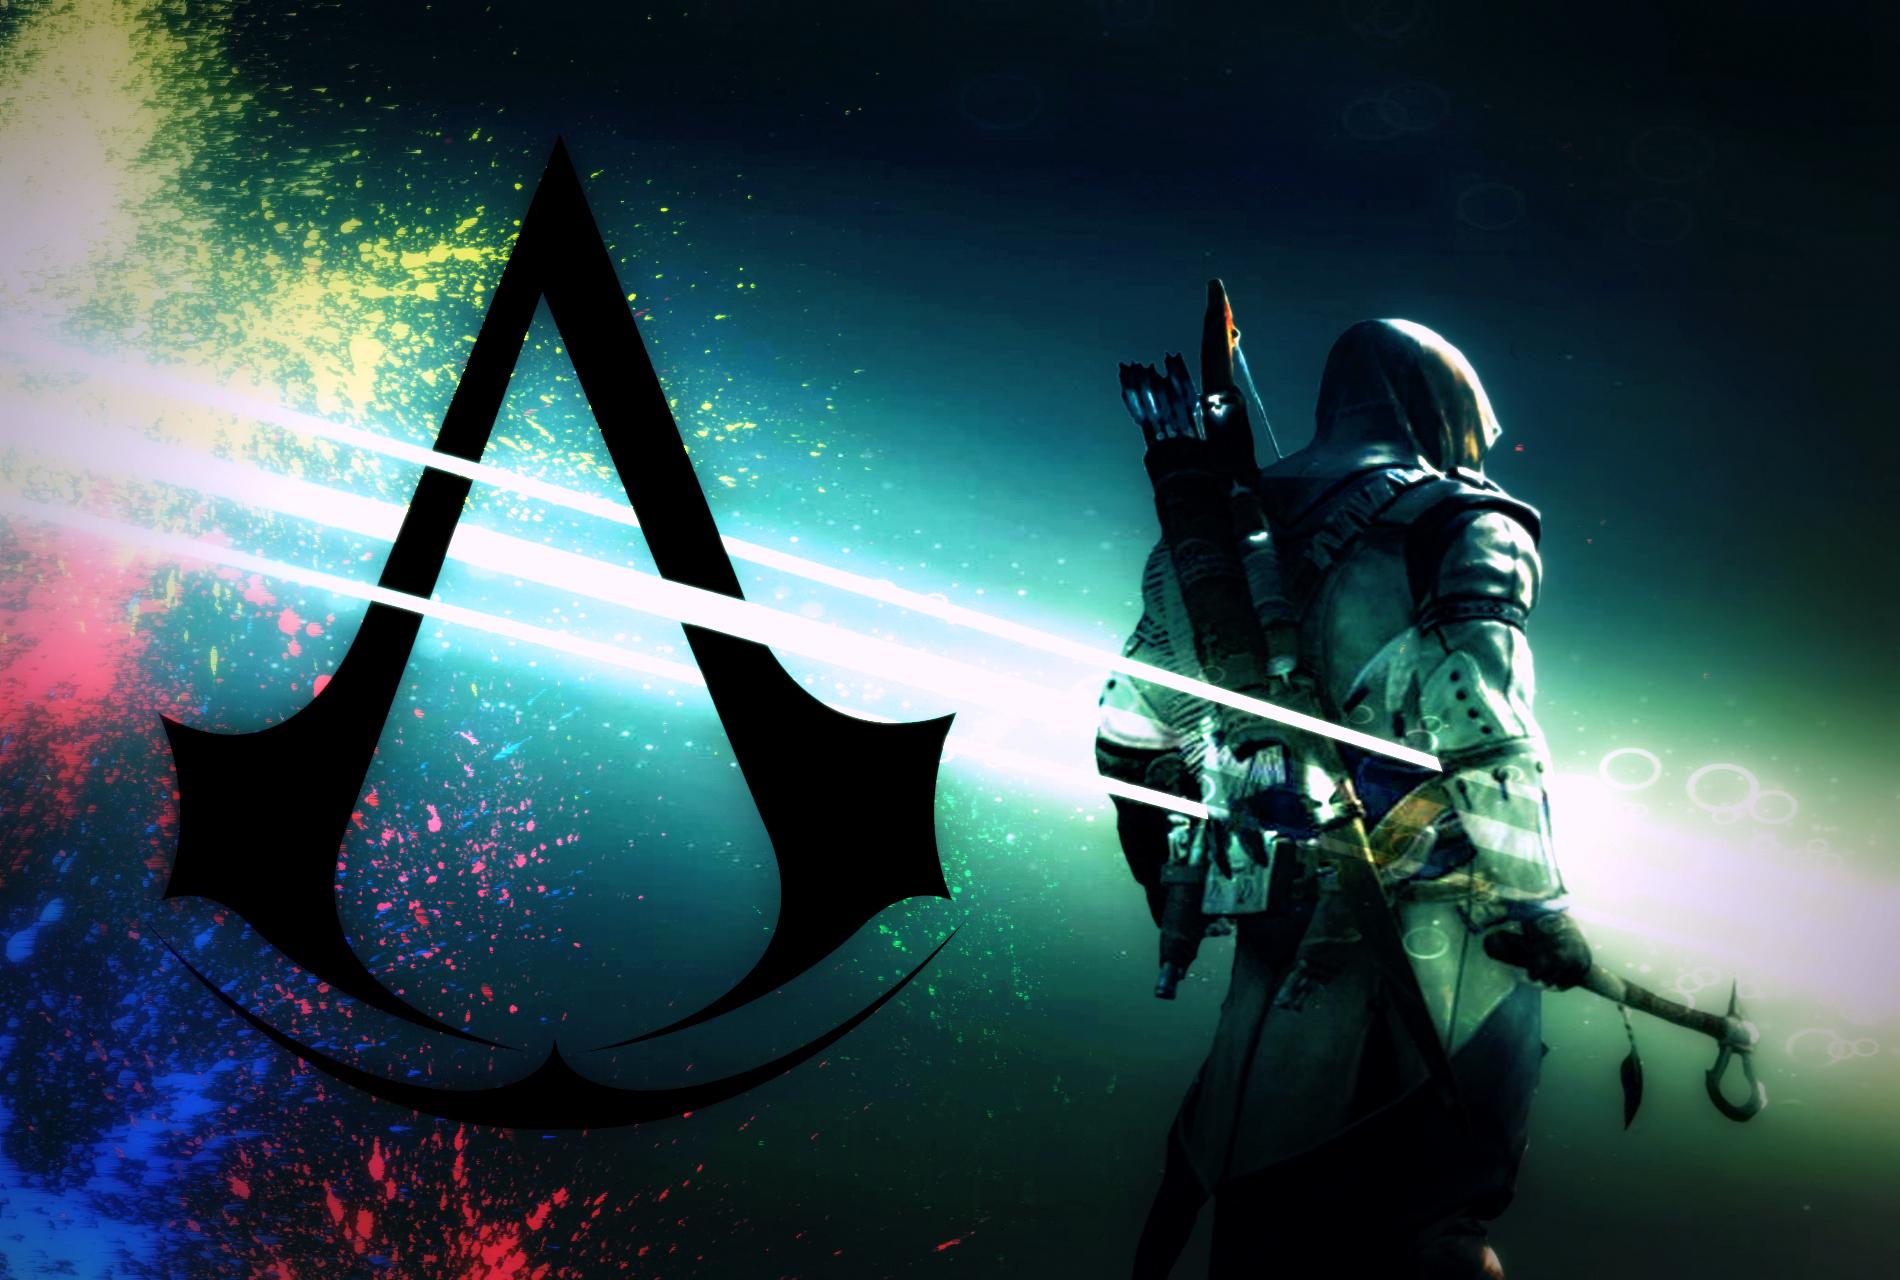 Assassins creed wallpaper impremedia assassins creed 3 wallpaper by nakshatras1 voltagebd Gallery